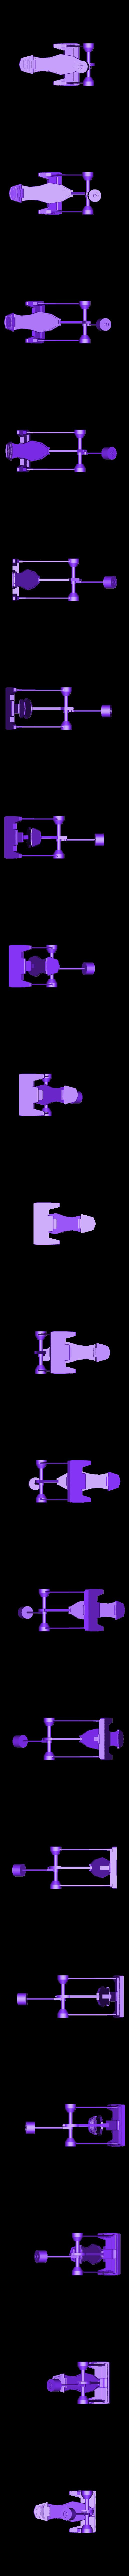 Bass Drum Pedal.stl Télécharger fichier STL gratuit Maquette de la batterie • Objet pour impression 3D, itzu